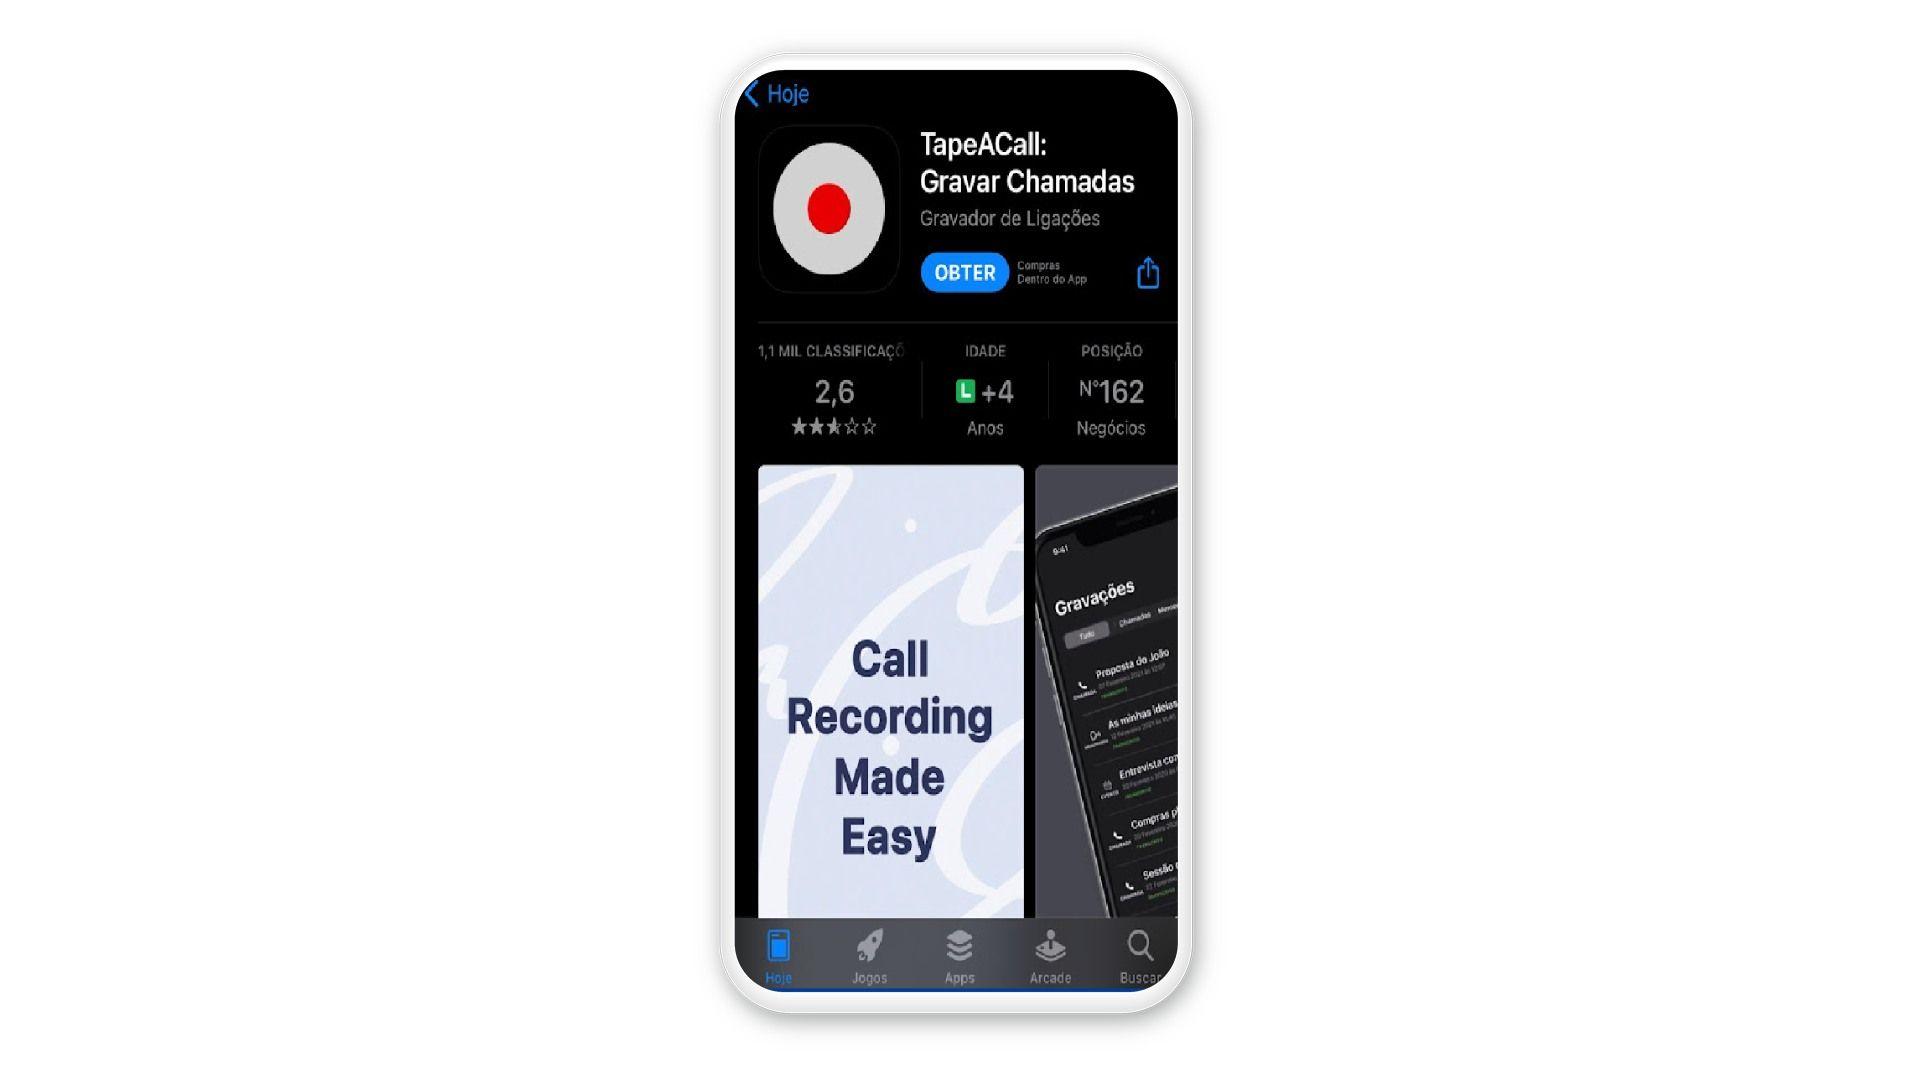 Tela do iPhone com App Store aberta no aplicativo TapeACall